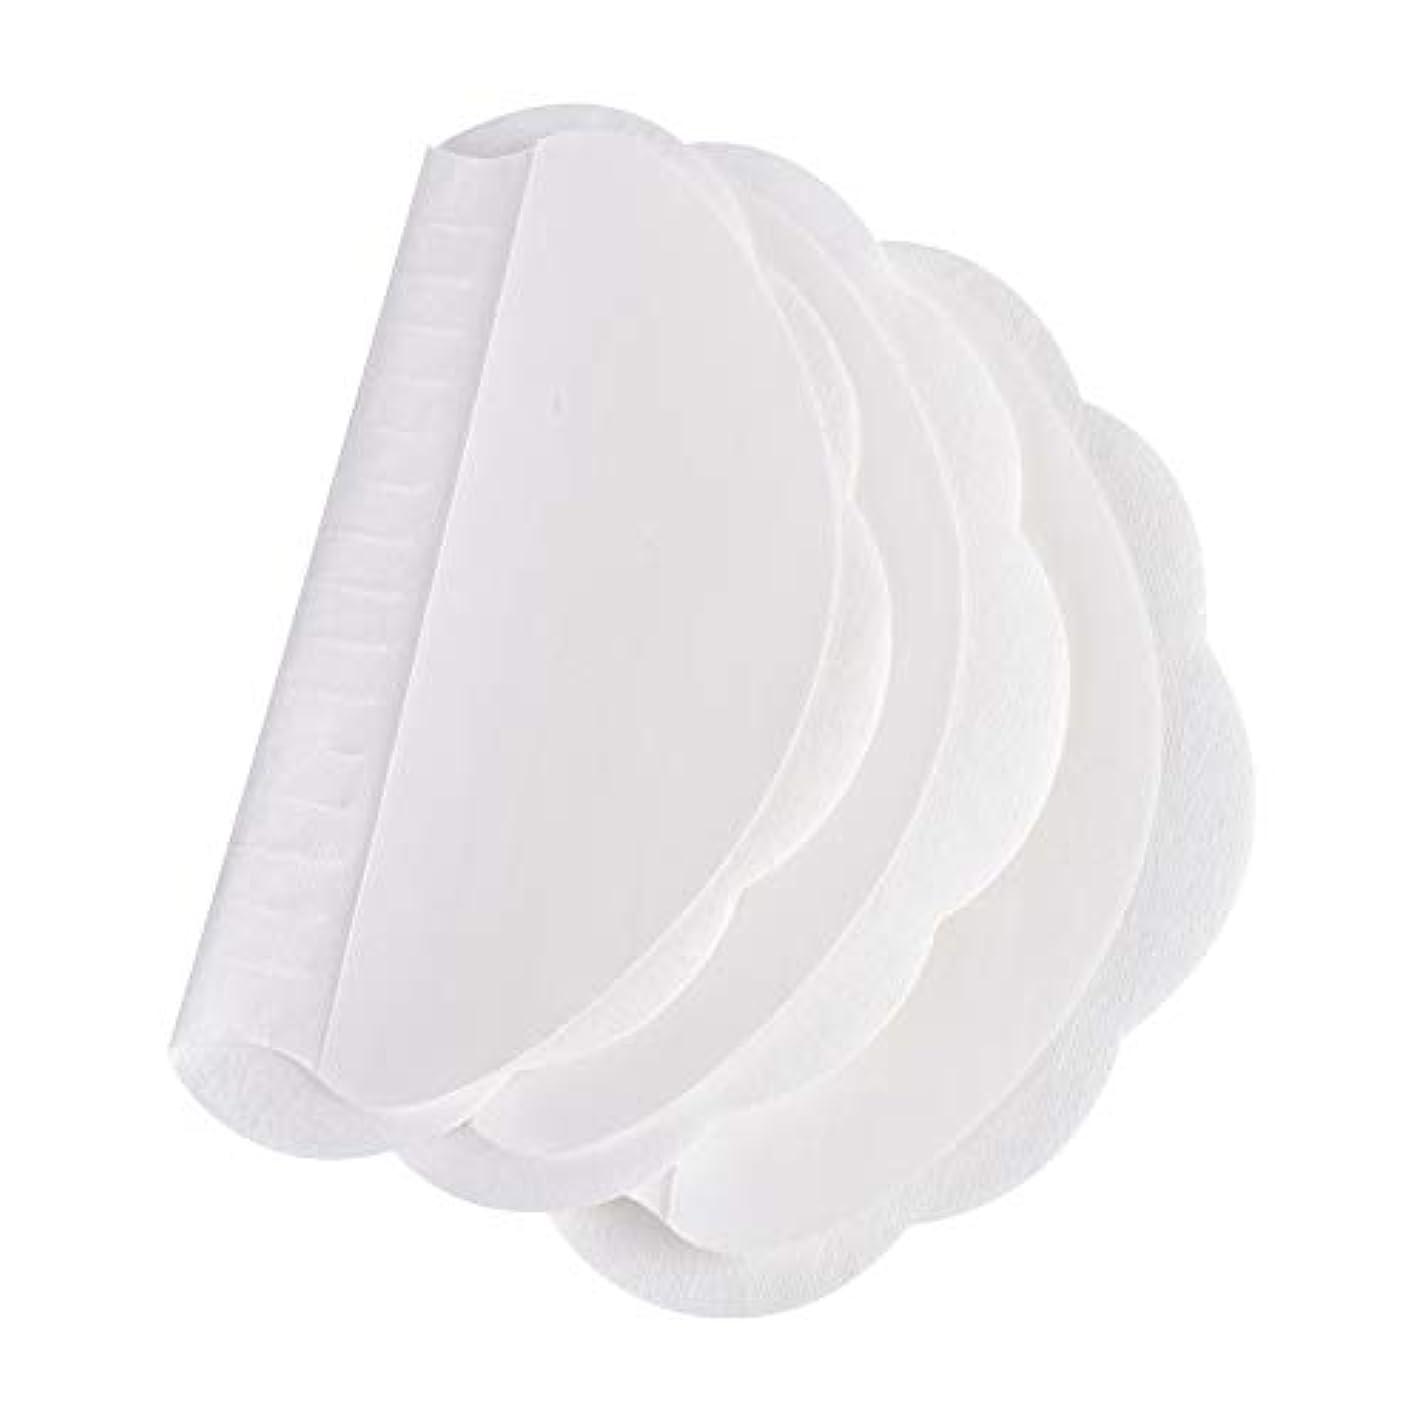 時系列行為端末20個入 汗止めパッド わき汗パット さらさら あせジミ防止 抗菌加工 極薄 皮膚に優しい 無香料 メンズ レディース 使い捨て 夏用 汗取りシート …